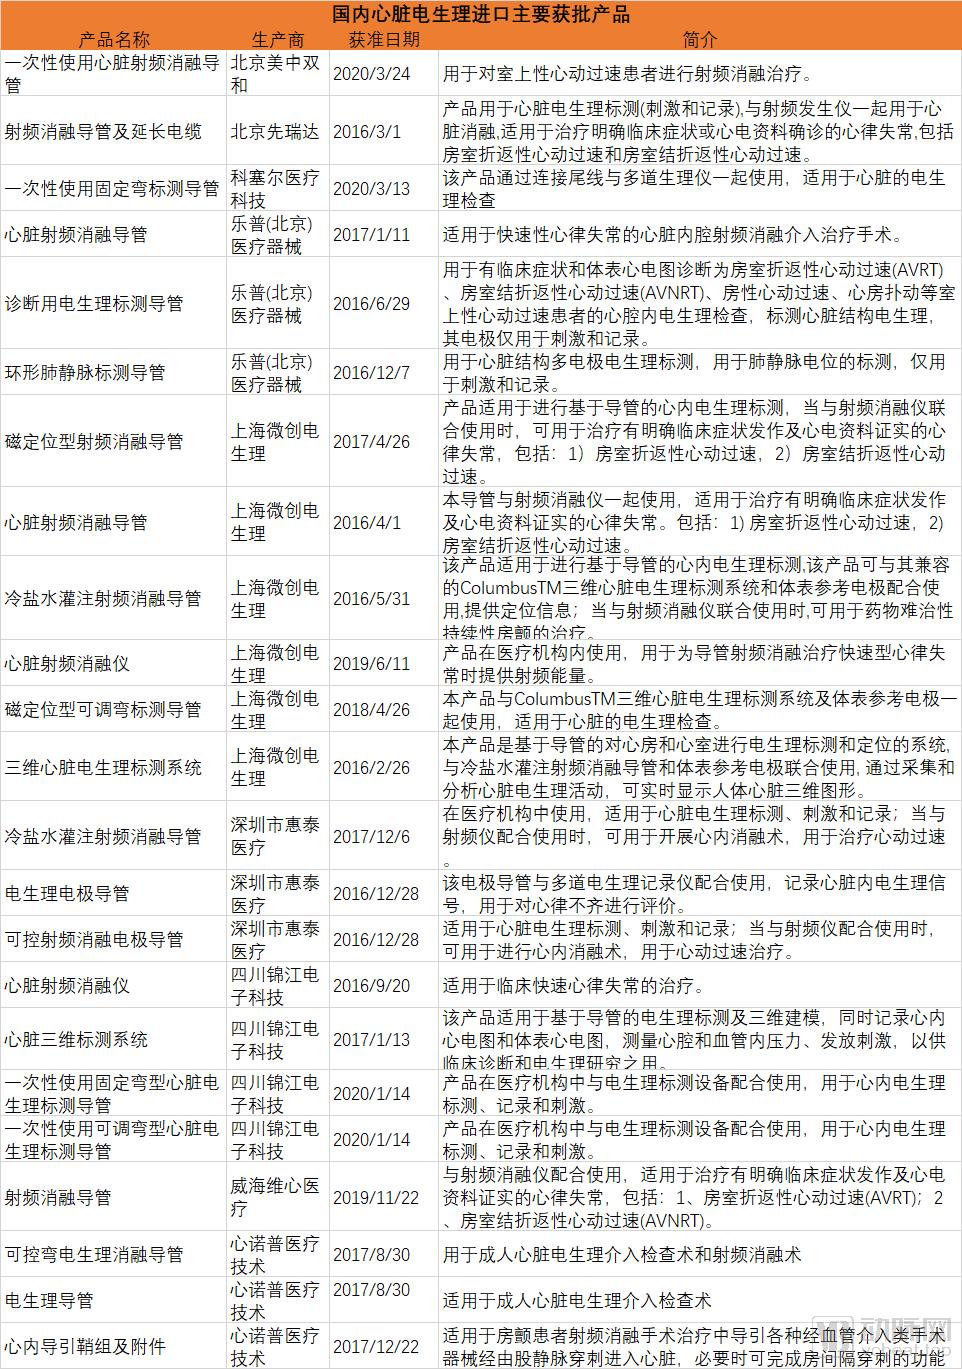 国产产品列表.png